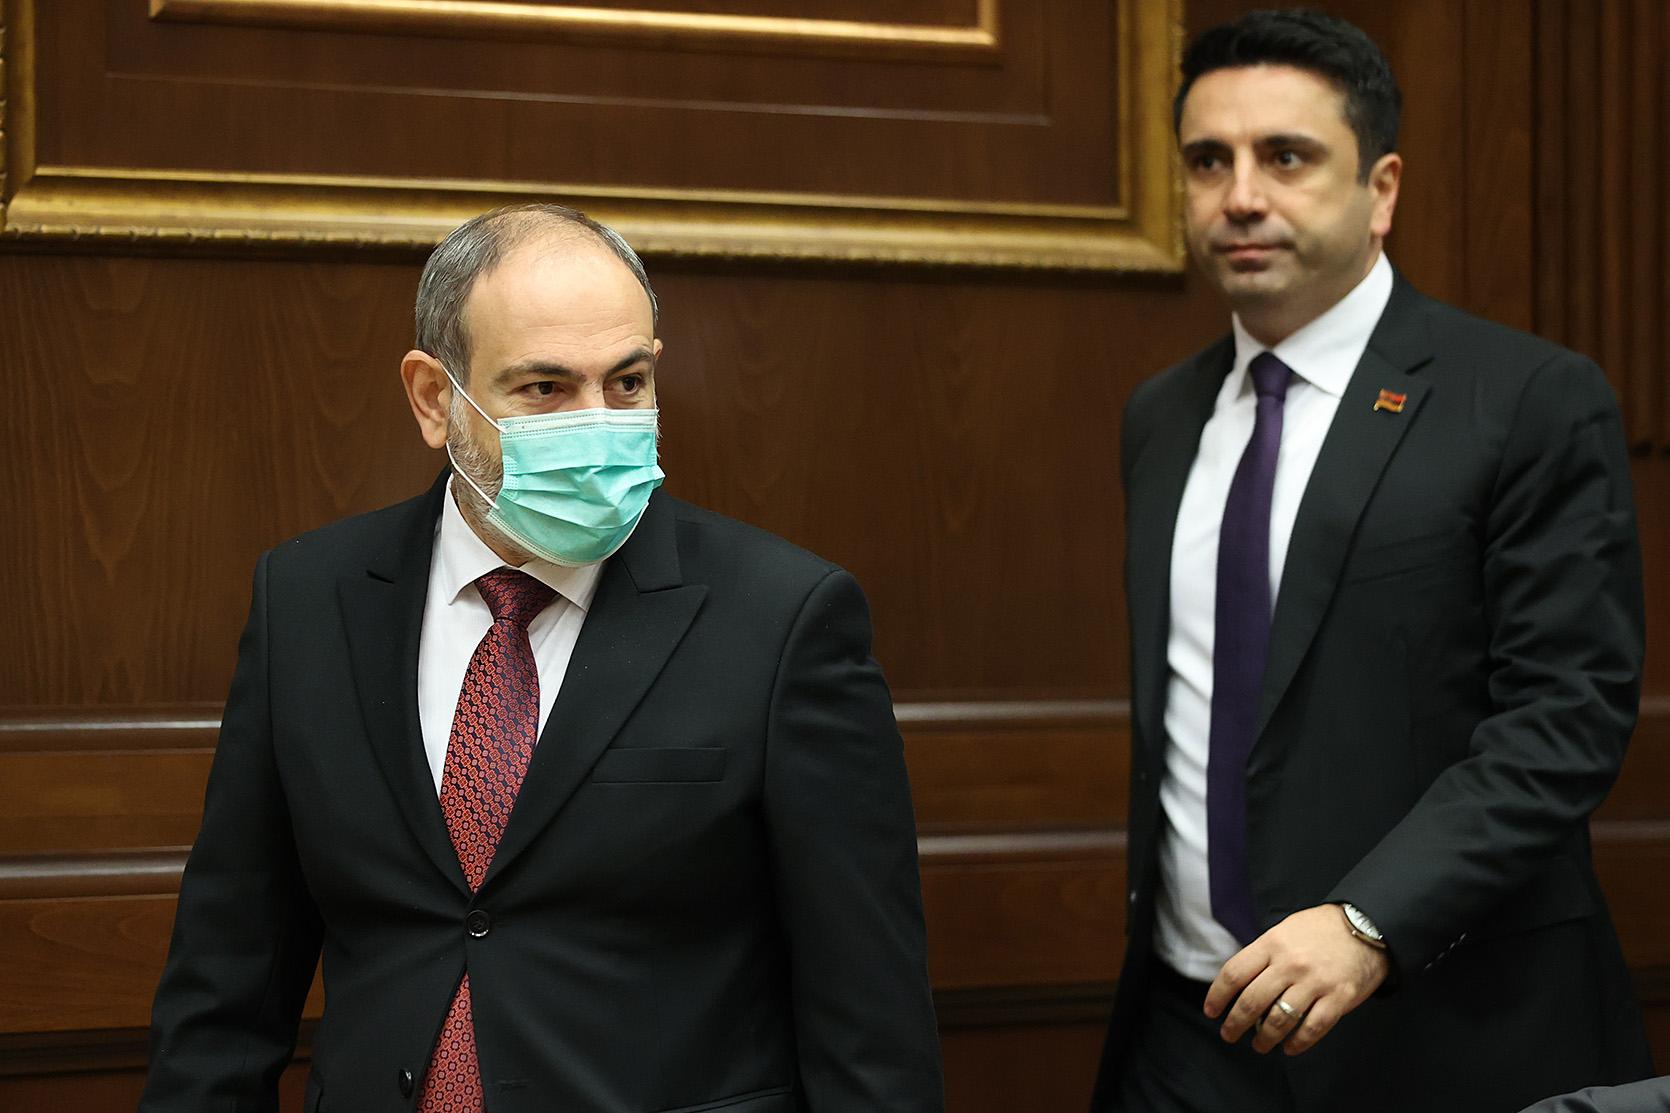 Photo of «Никол Пашинян пытается не упустить повод, чтобы опровергнуть выдвинутые против него обвинения и, в свою очередь, озвучить обвинения». Политический комментатор А. Бадалян